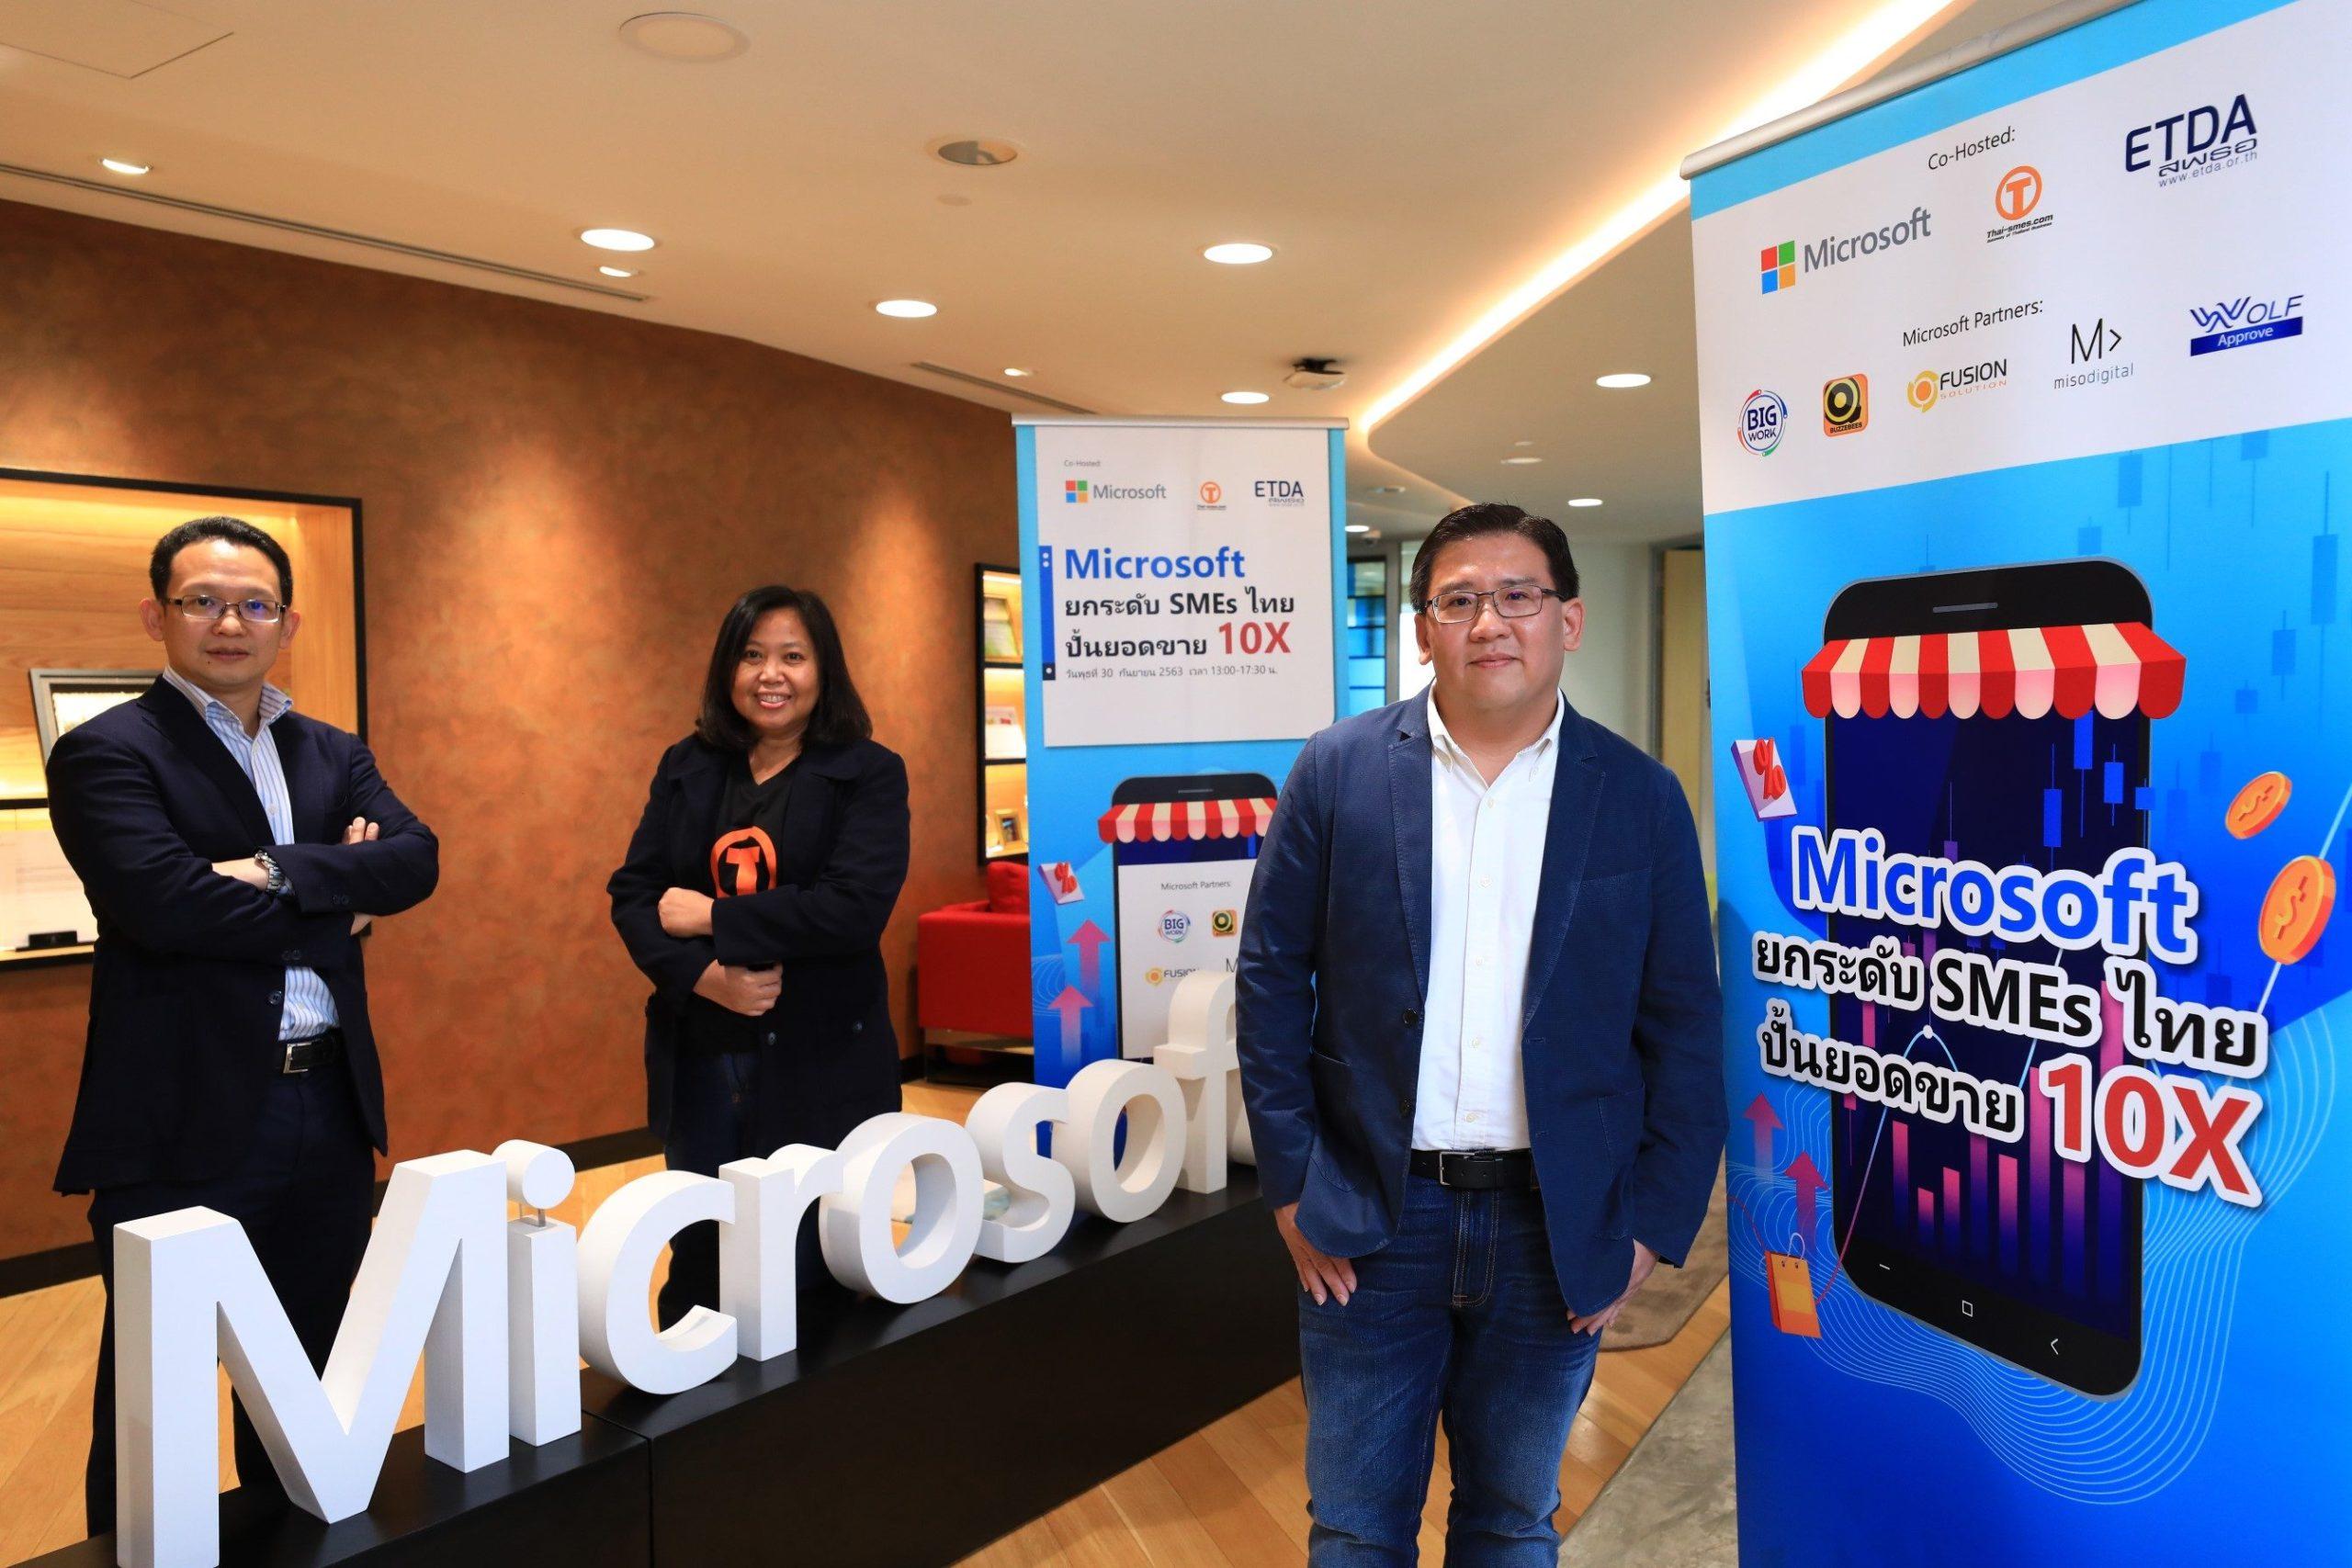 ไมโครซอฟท์ จับมือ Thai SMEs สพธอ. และพาร์ทเนอร์เชิงนวัตกรรม เปิดโครงการไมโครซอฟท์ยกระดับ SME ไทย